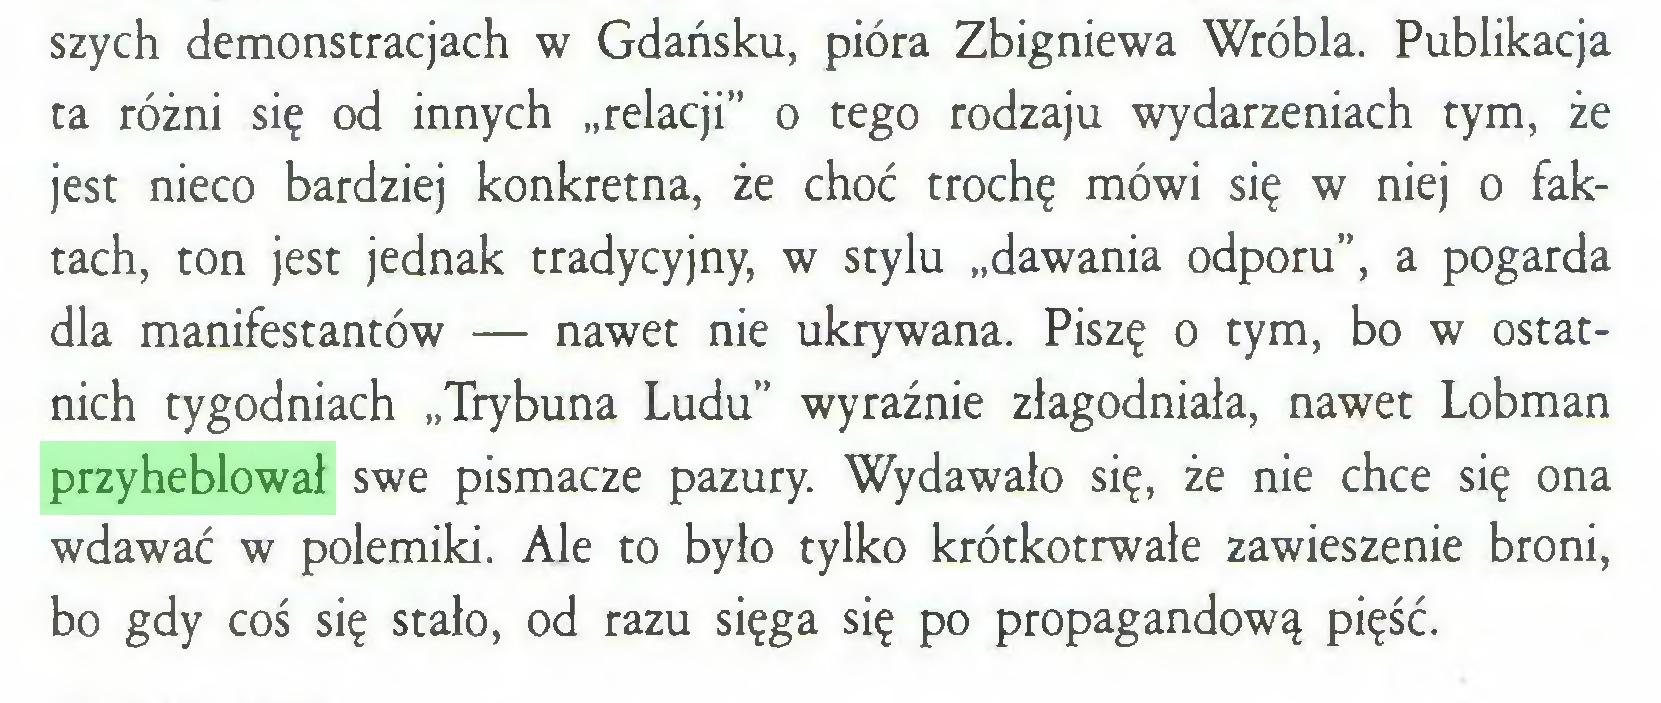 """(...) szych demonstracjach w Gdańsku, pióra Zbigniewa Wróbla. Publikacja ta różni się od innych """"relacji"""" o tego rodzaju wydarzeniach tym, że jest nieco bardziej konkretna, że choć trochę mówi się w niej o faktach, ton jest jednak tradycyjny, w stylu """"dawania odporu"""", a pogarda dla manifestantów — nawet nie ukrywana. Piszę o tym, bo w ostatnich tygodniach """"Trybuna Ludu"""" wyraźnie złagodniała, nawet Lobman przyheblował swe pismacze pazury. Wydawało się, że nie chce się ona wdawać w polemiki. Ale to było tylko krótkotrwałe zawieszenie broni, bo gdy coś się stało, od razu sięga się po propagandową pięść..."""